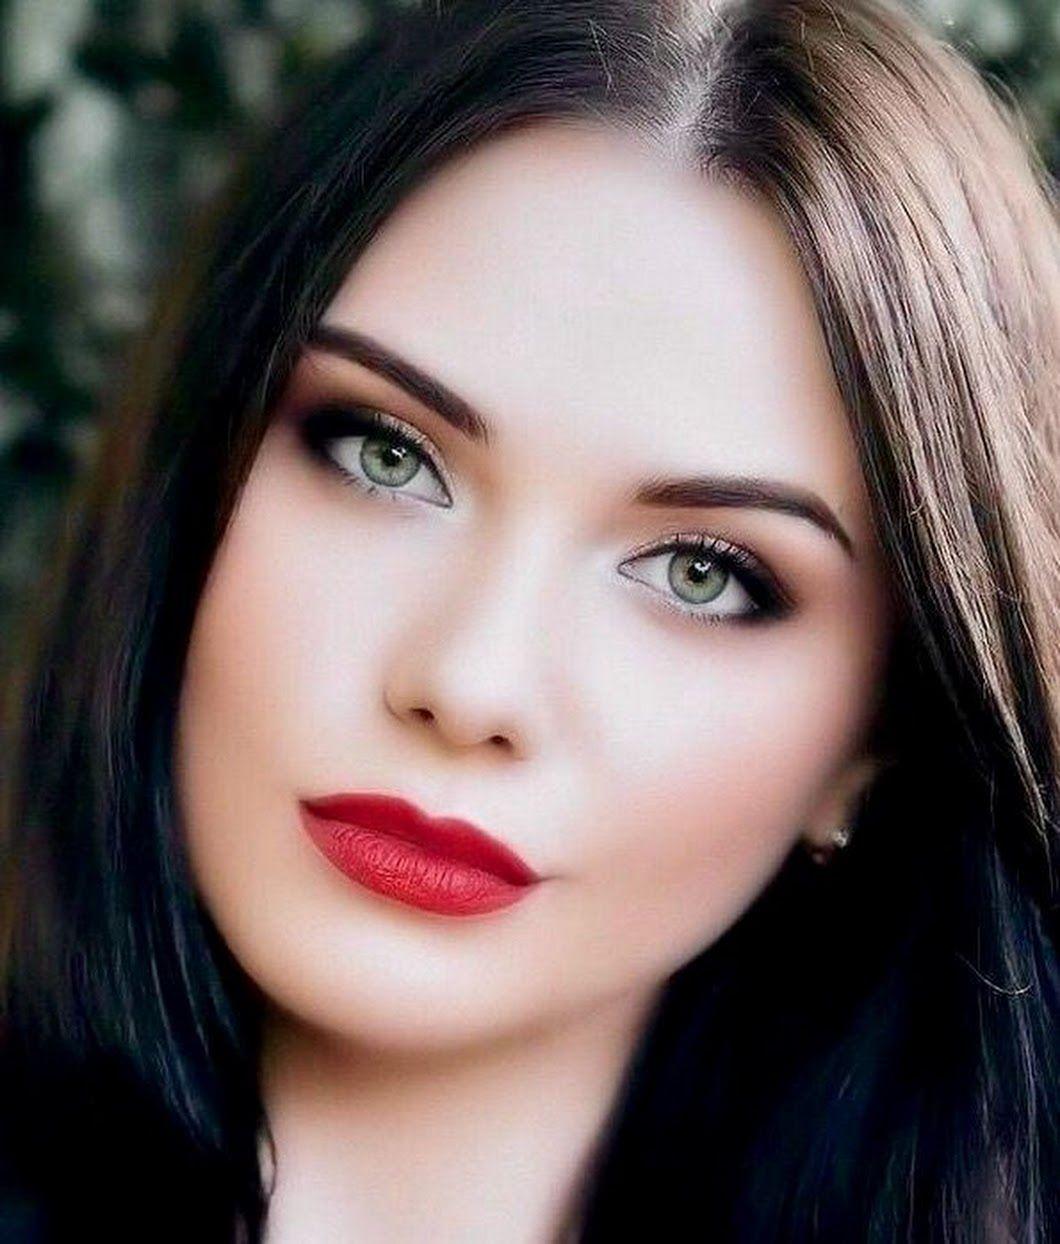 AmAnDo La ViDa - Google+ | Belleza de mujer, Cara hermosa ...